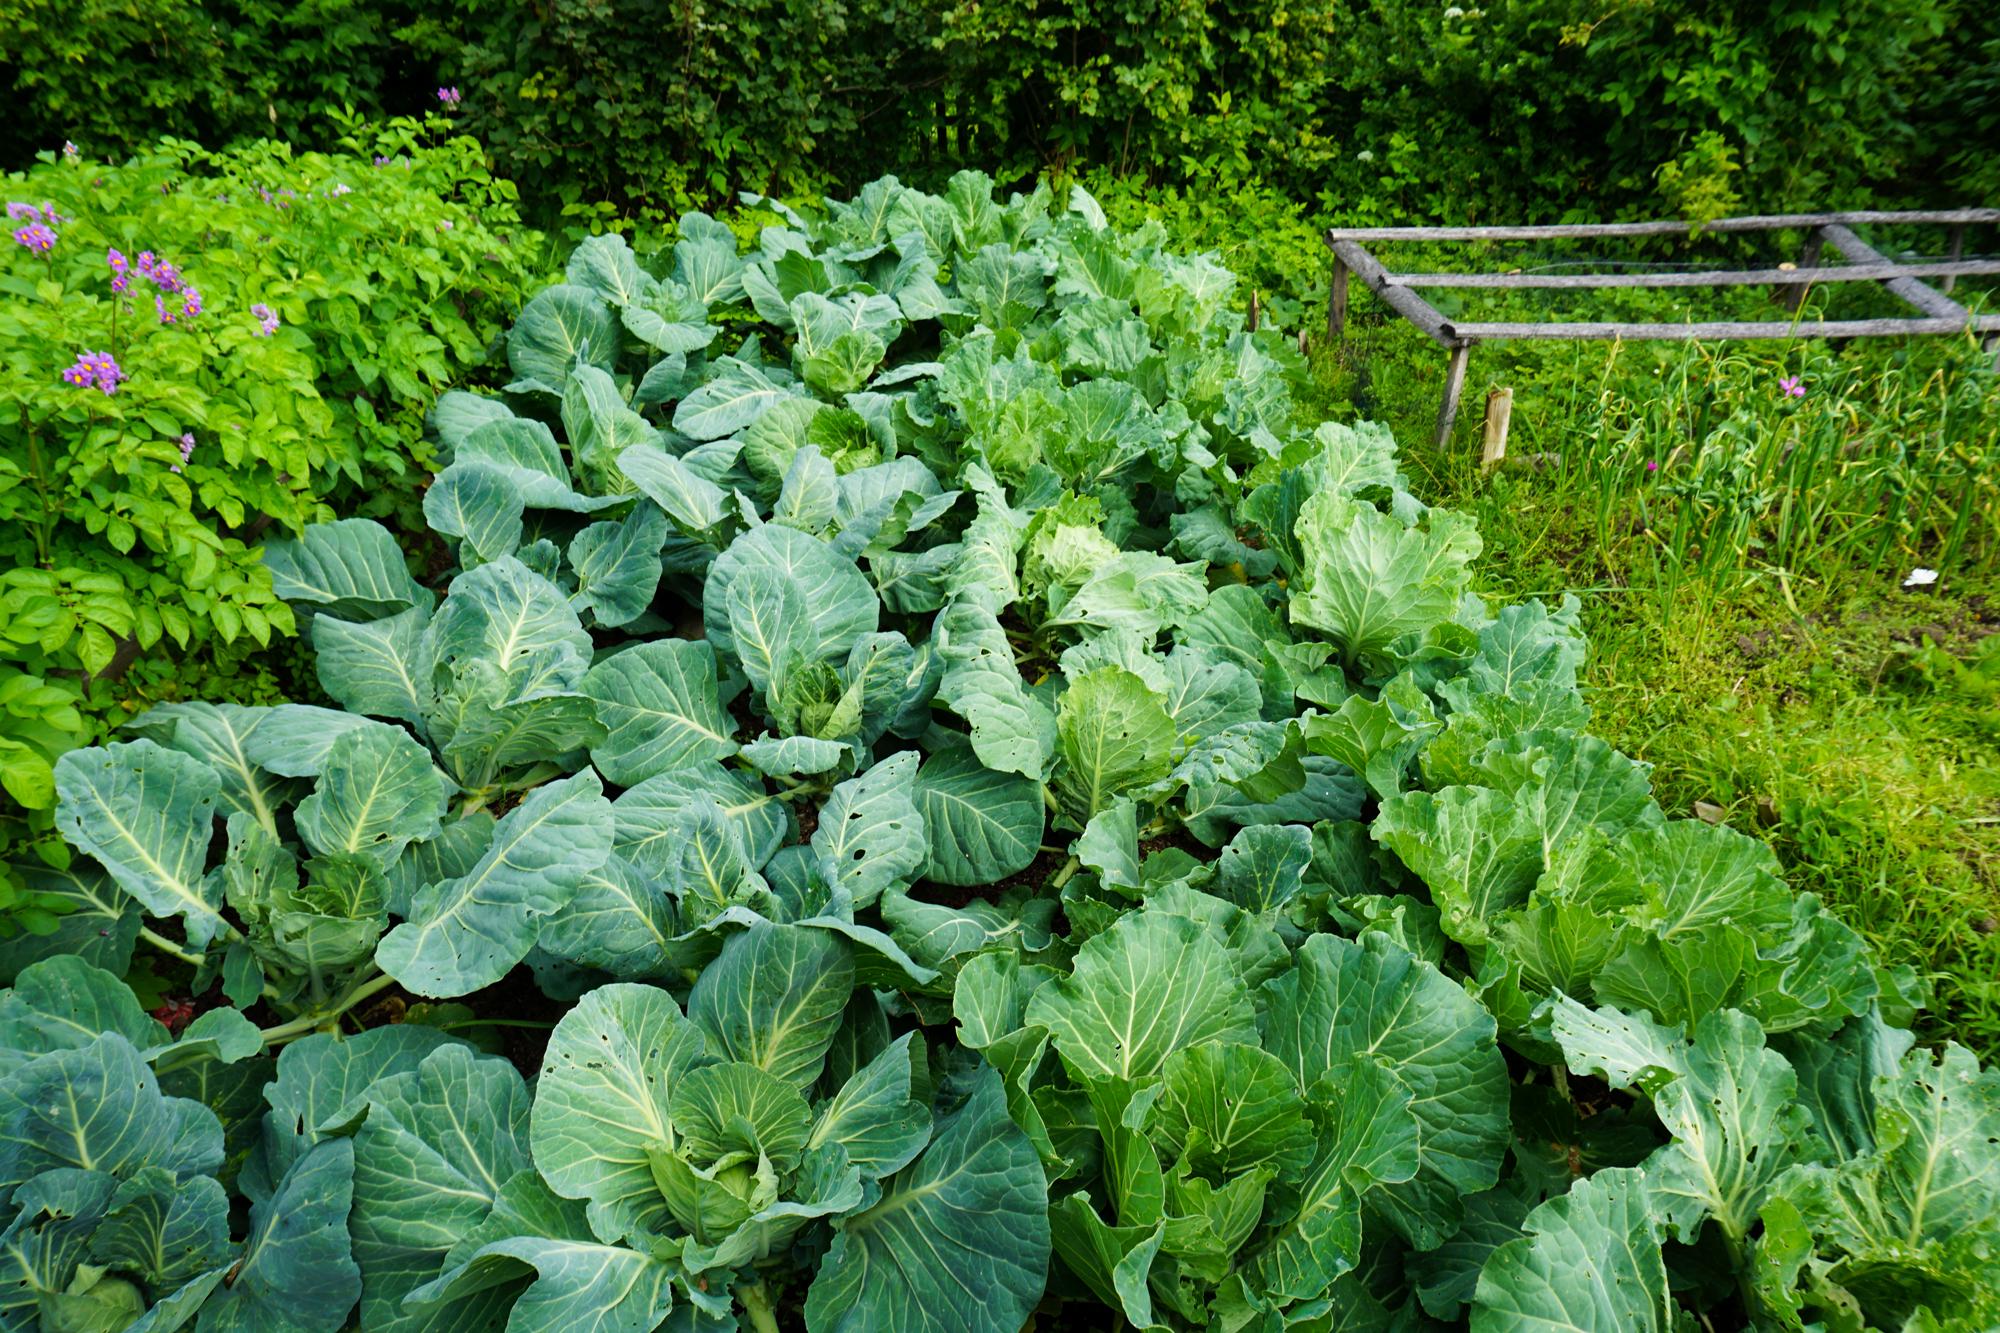 I denne datsjaen var nesten all gjødsling og jordforbedring fra gress og egen kompost.